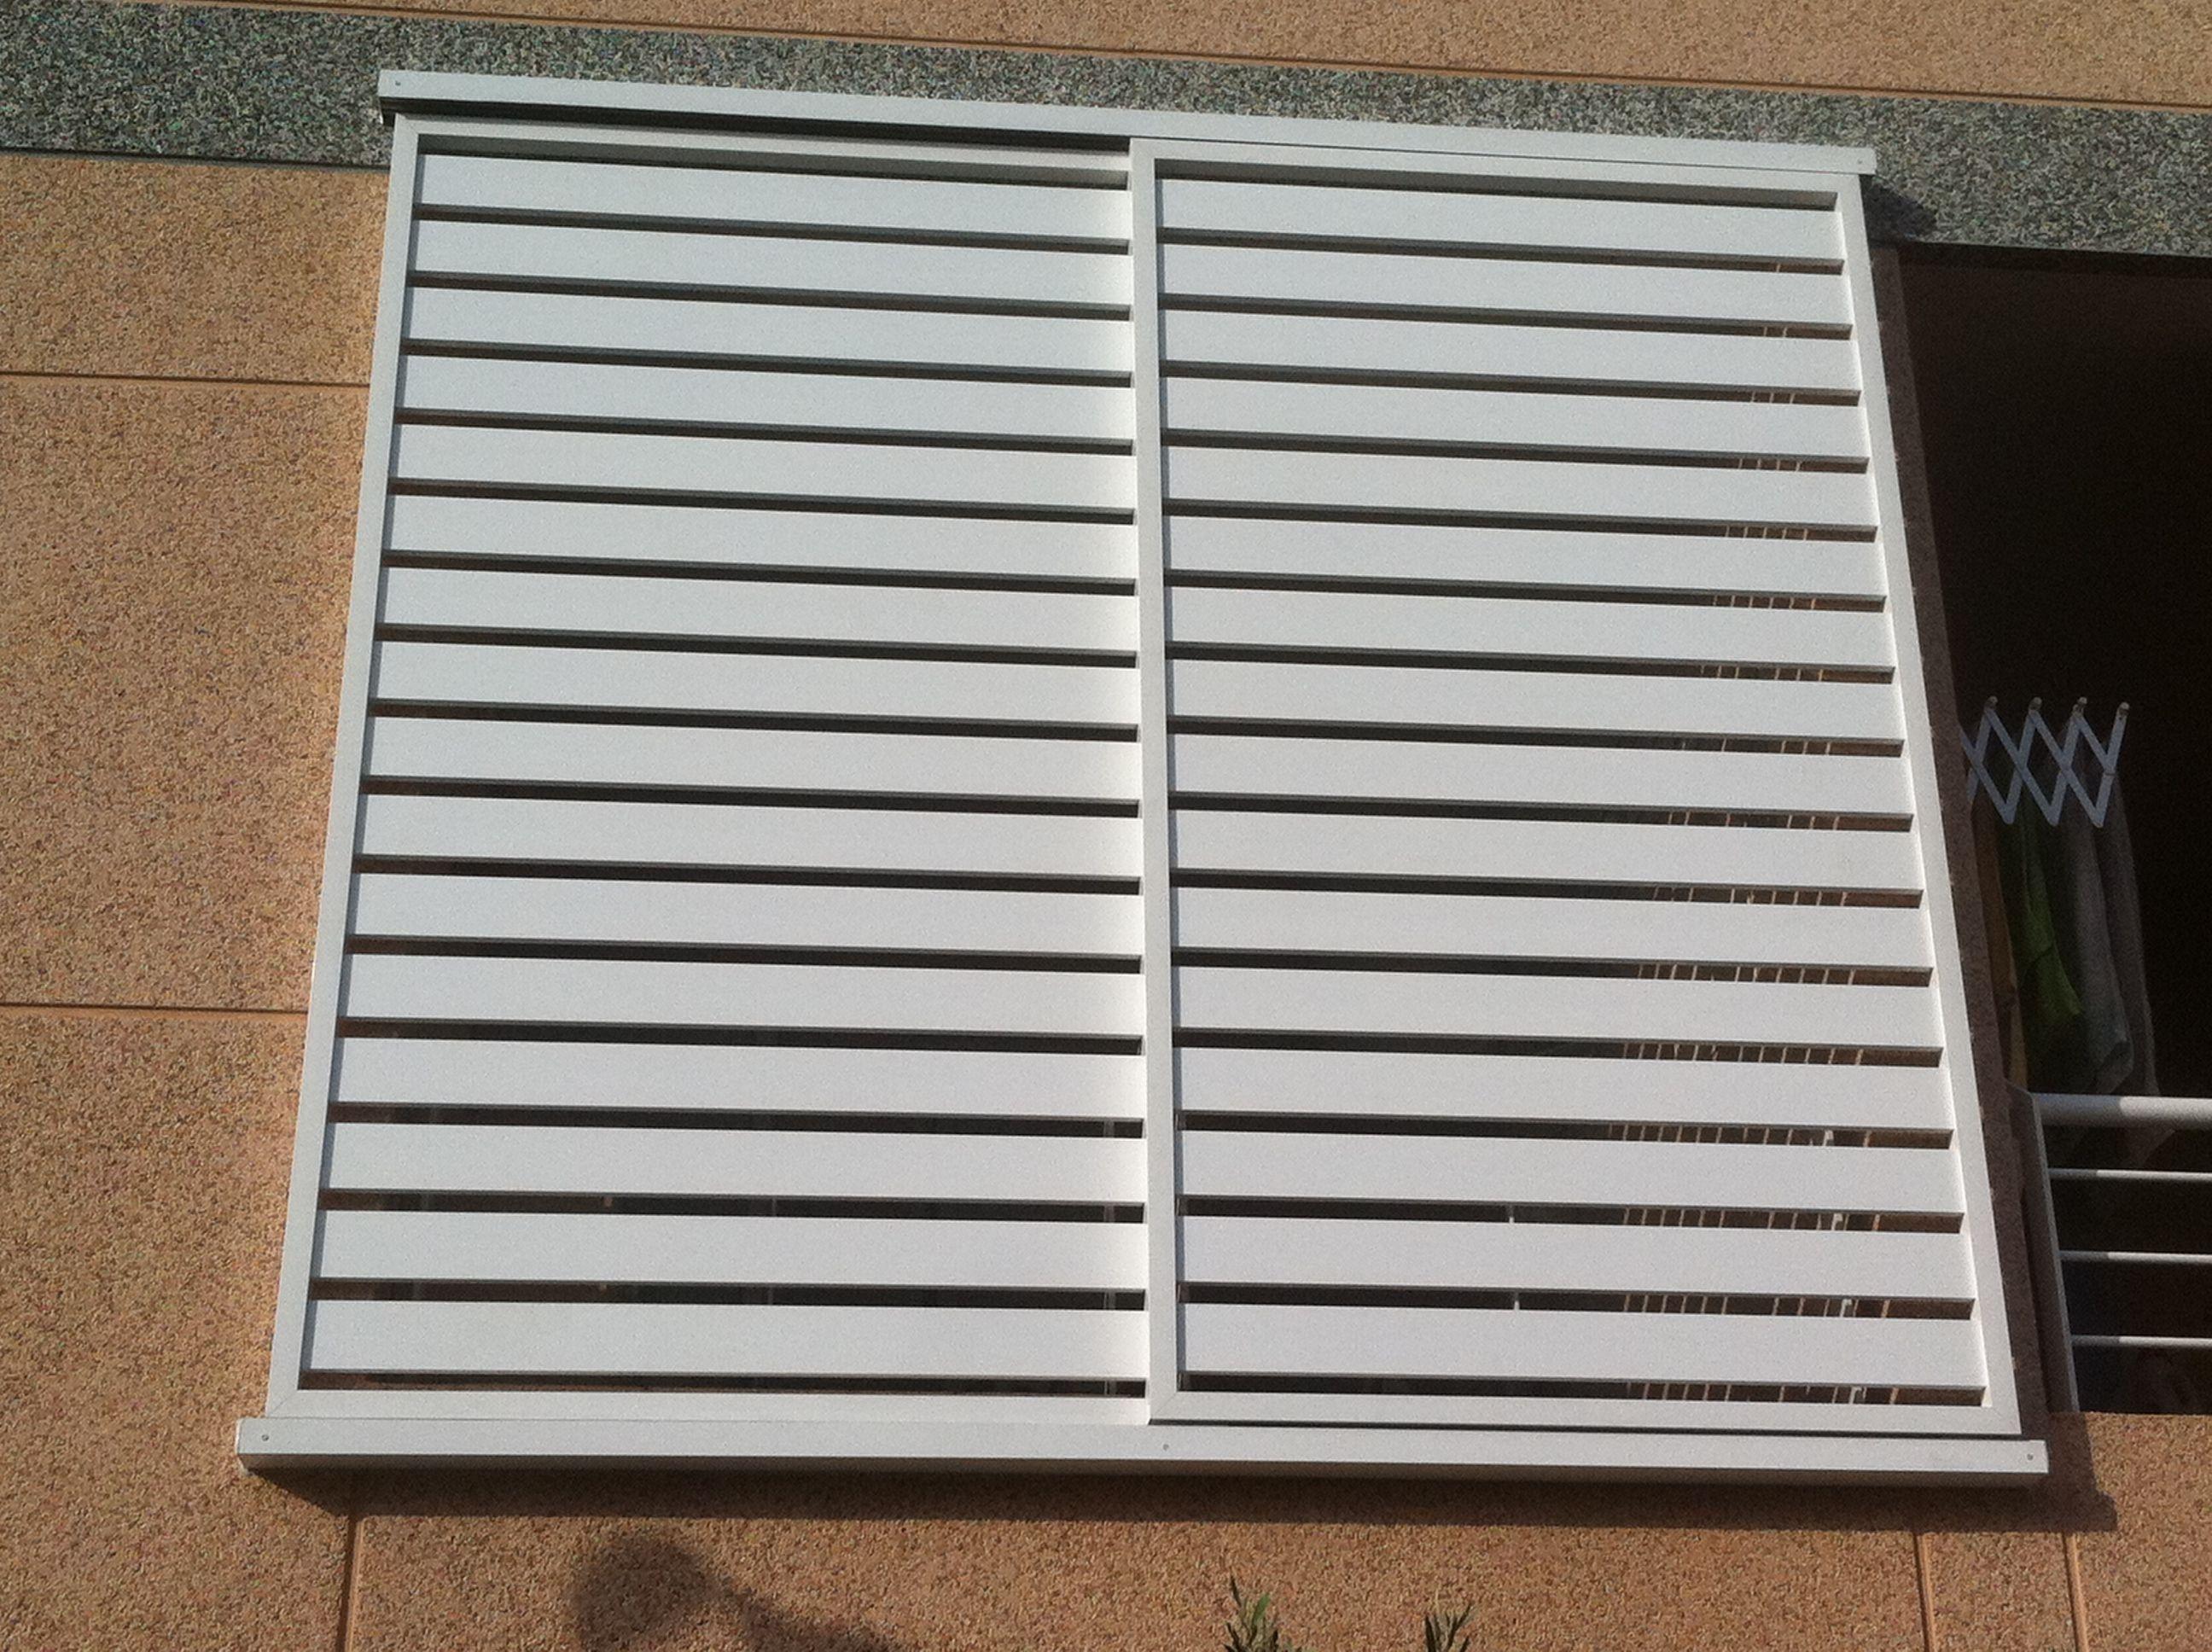 Celosias aluminio precios materiales de construcci n for Precio de aluminio